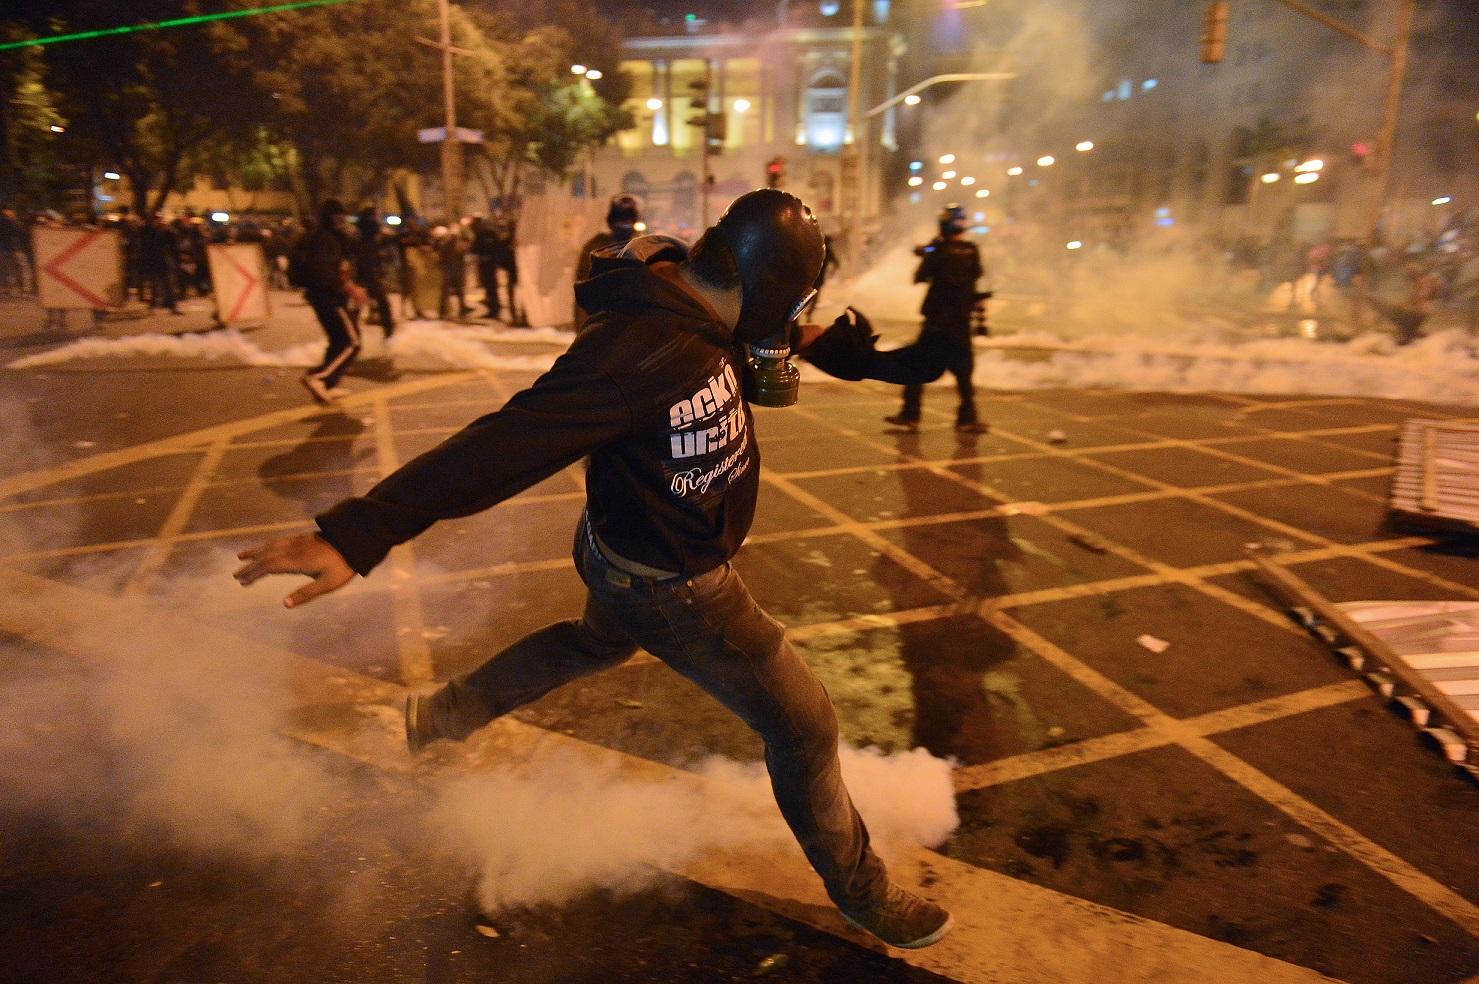 Manifestante com máscara de proteção em ação nos protestos de 2013. Foto: AFP/ Christophe Simon